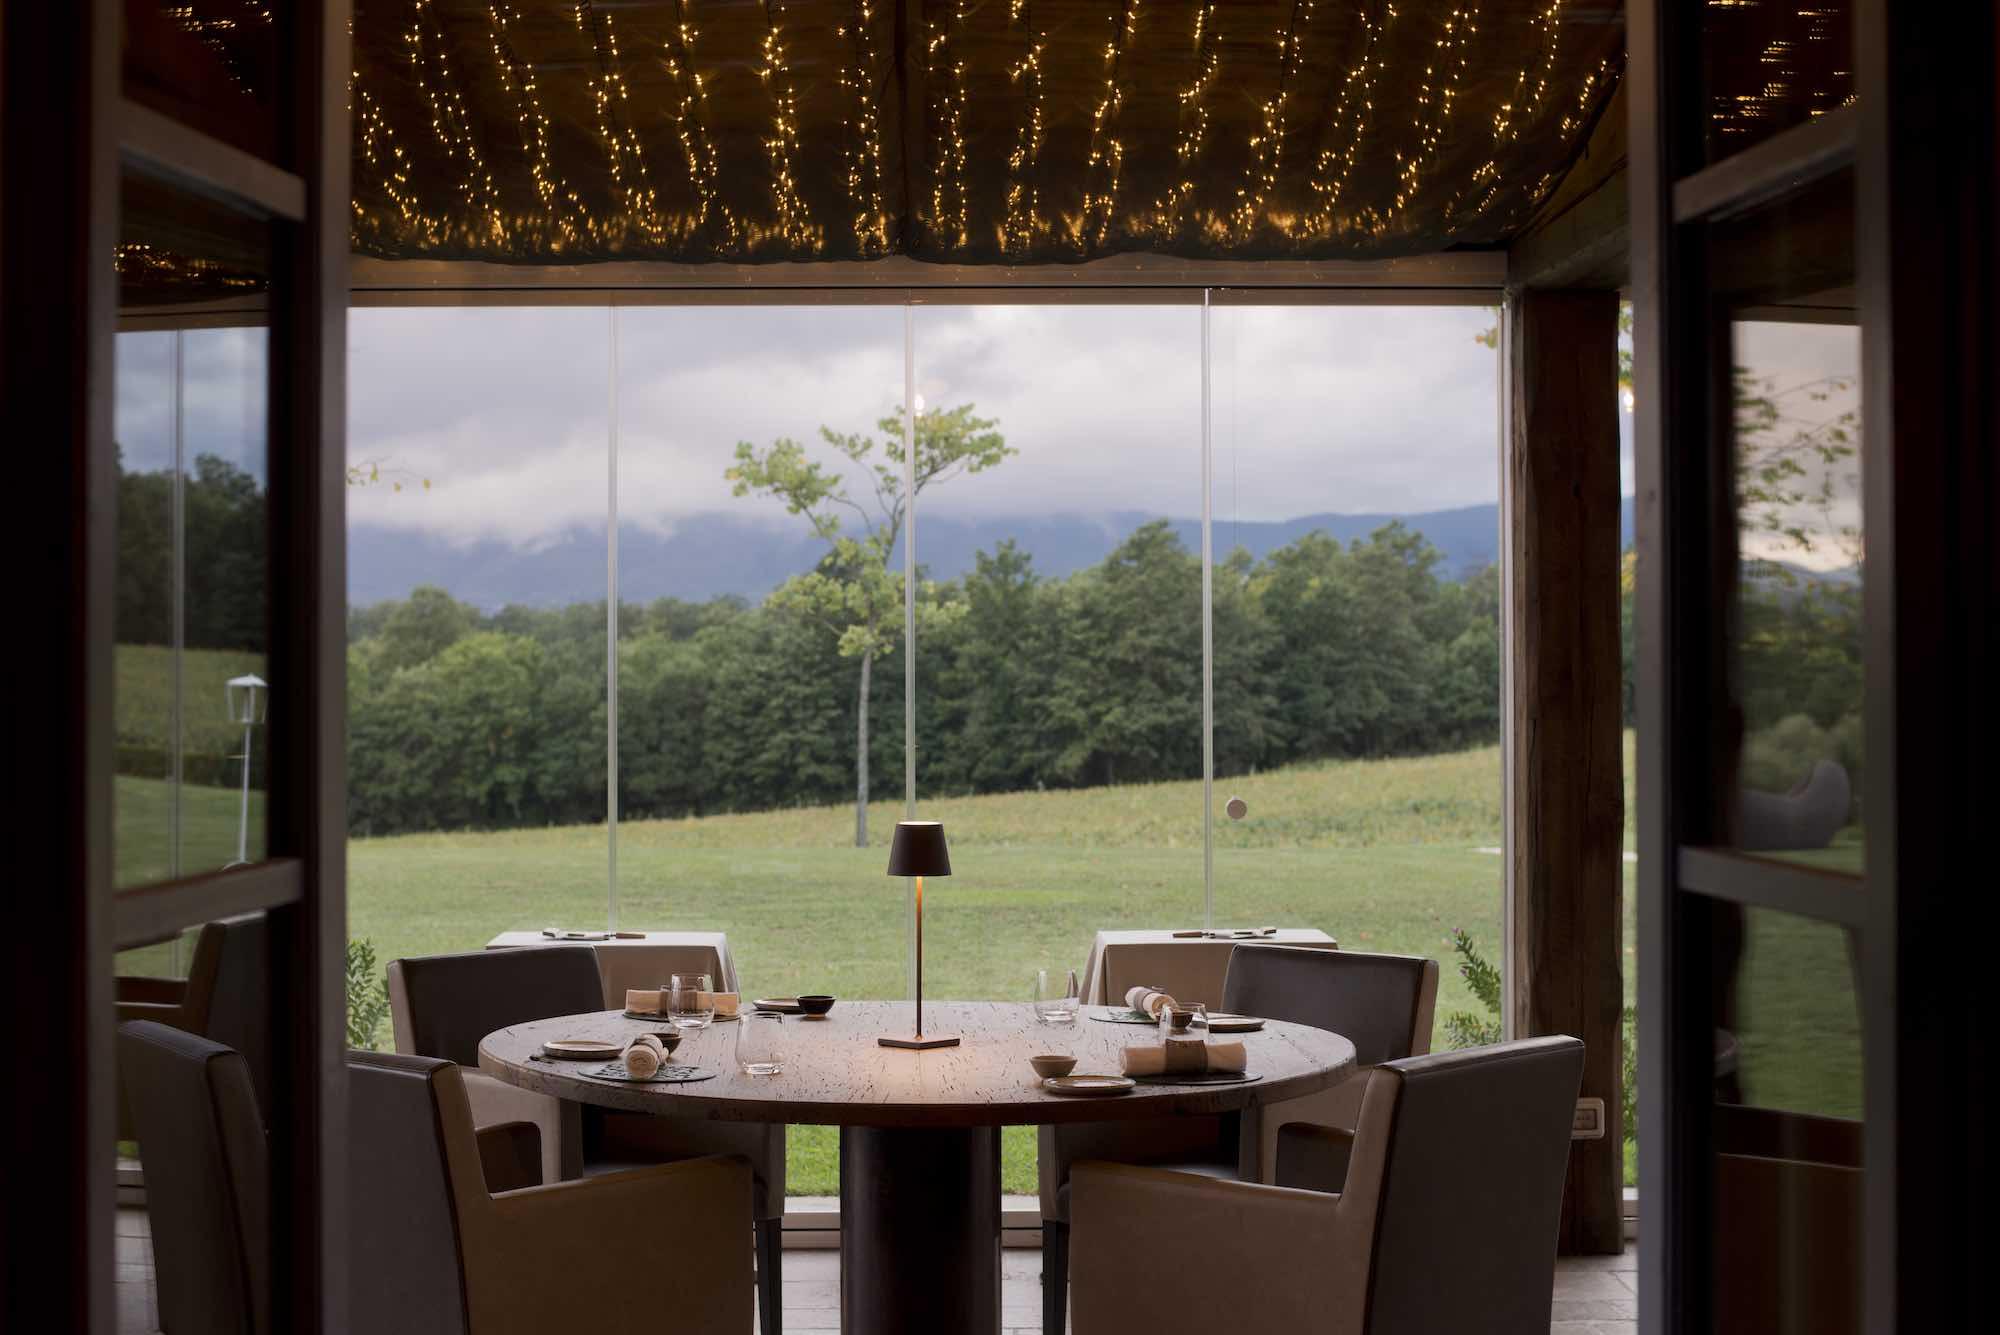 Tenuta Le Tre Virtù in Mugello, sede del ristorante Virtuoso, 1 Stella Michelin